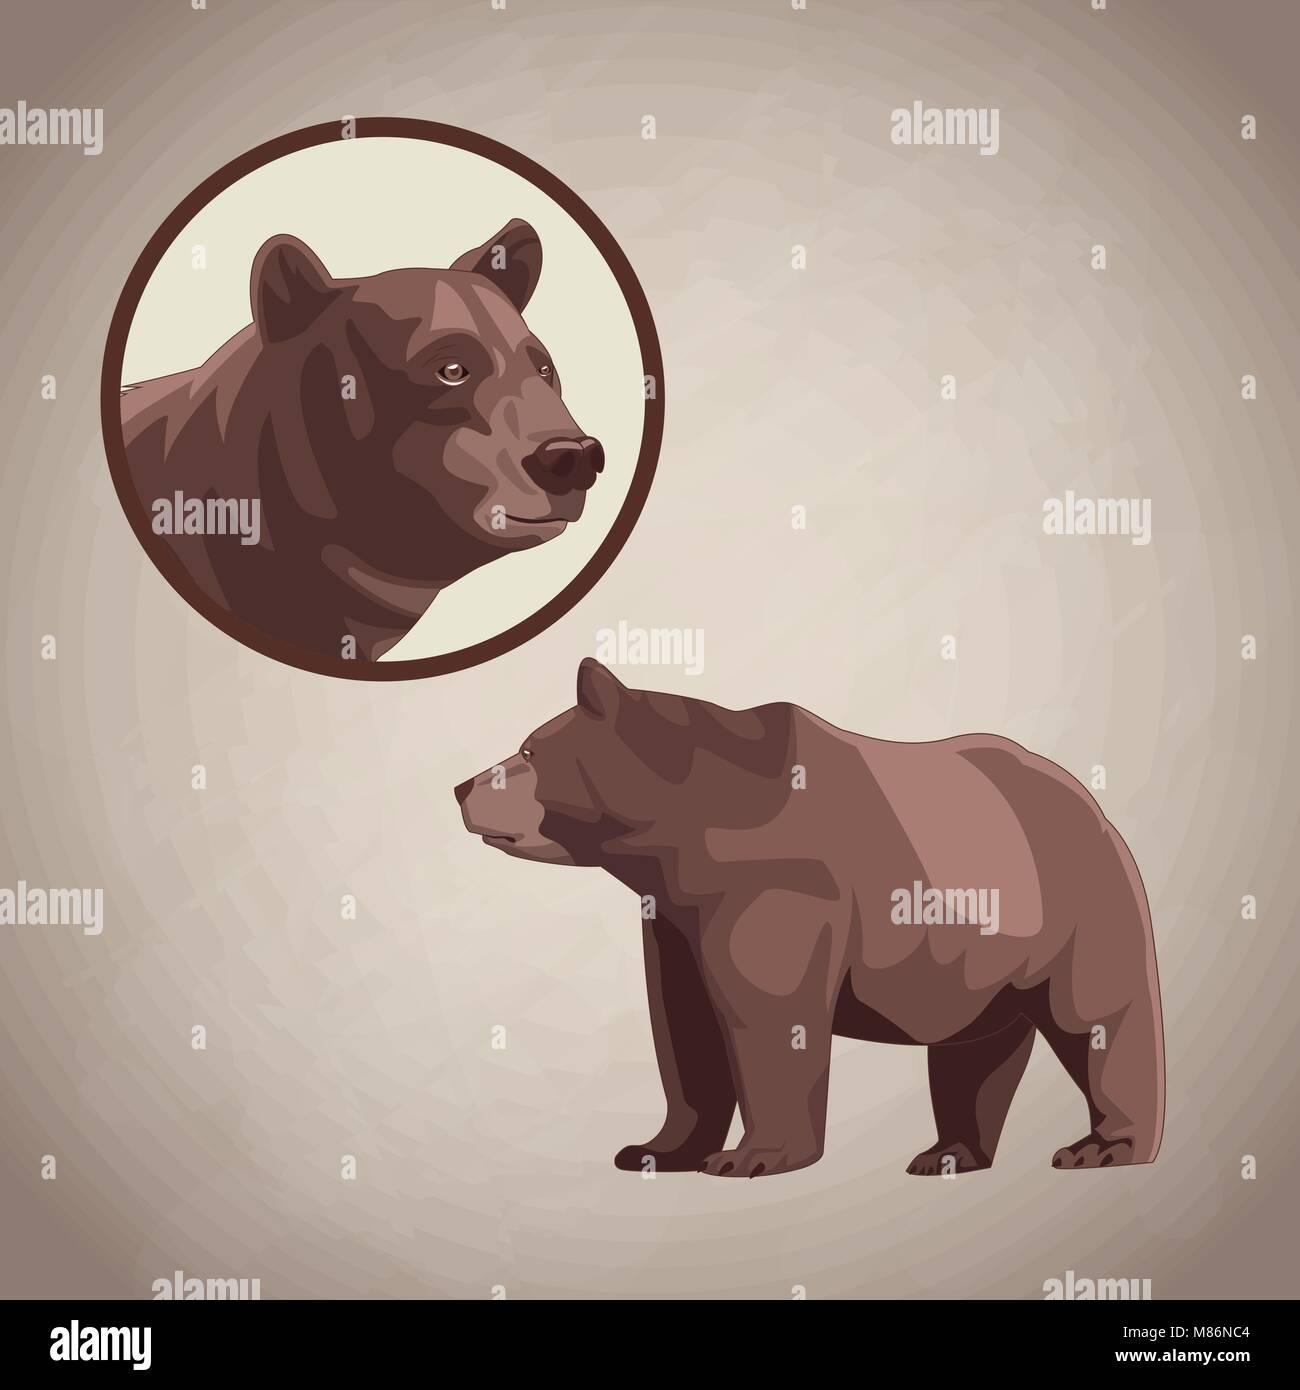 desenho urso sobre fundo marrom design gráfico ilustração vetorial